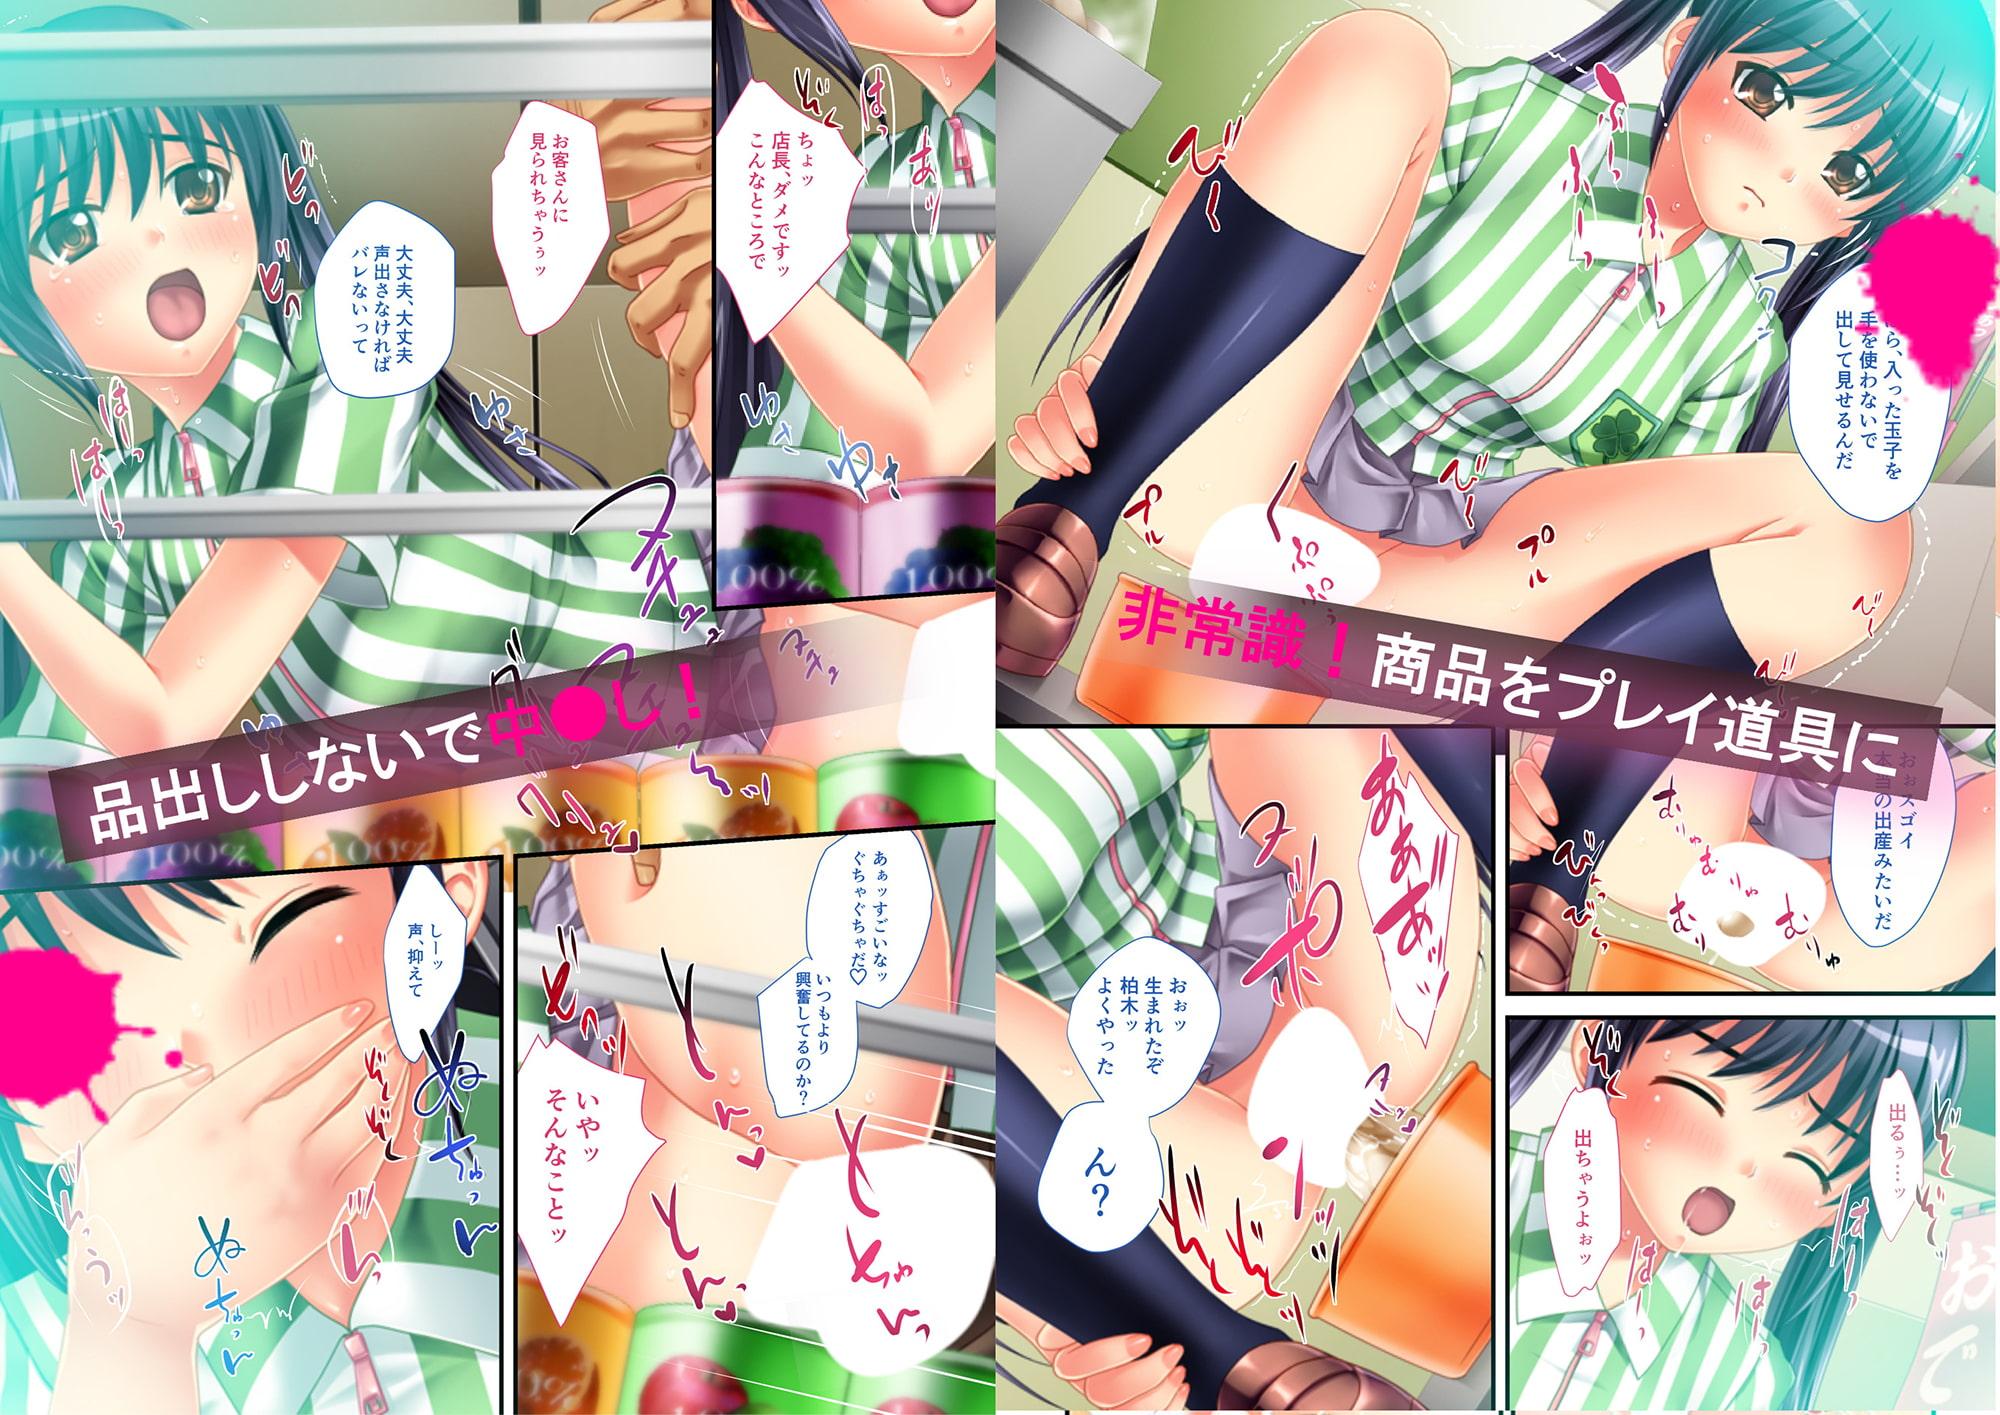 ハメられたJKたち(9) 弱みを握って強制えっち~コンビニバイト編~ フルカラーコミック版